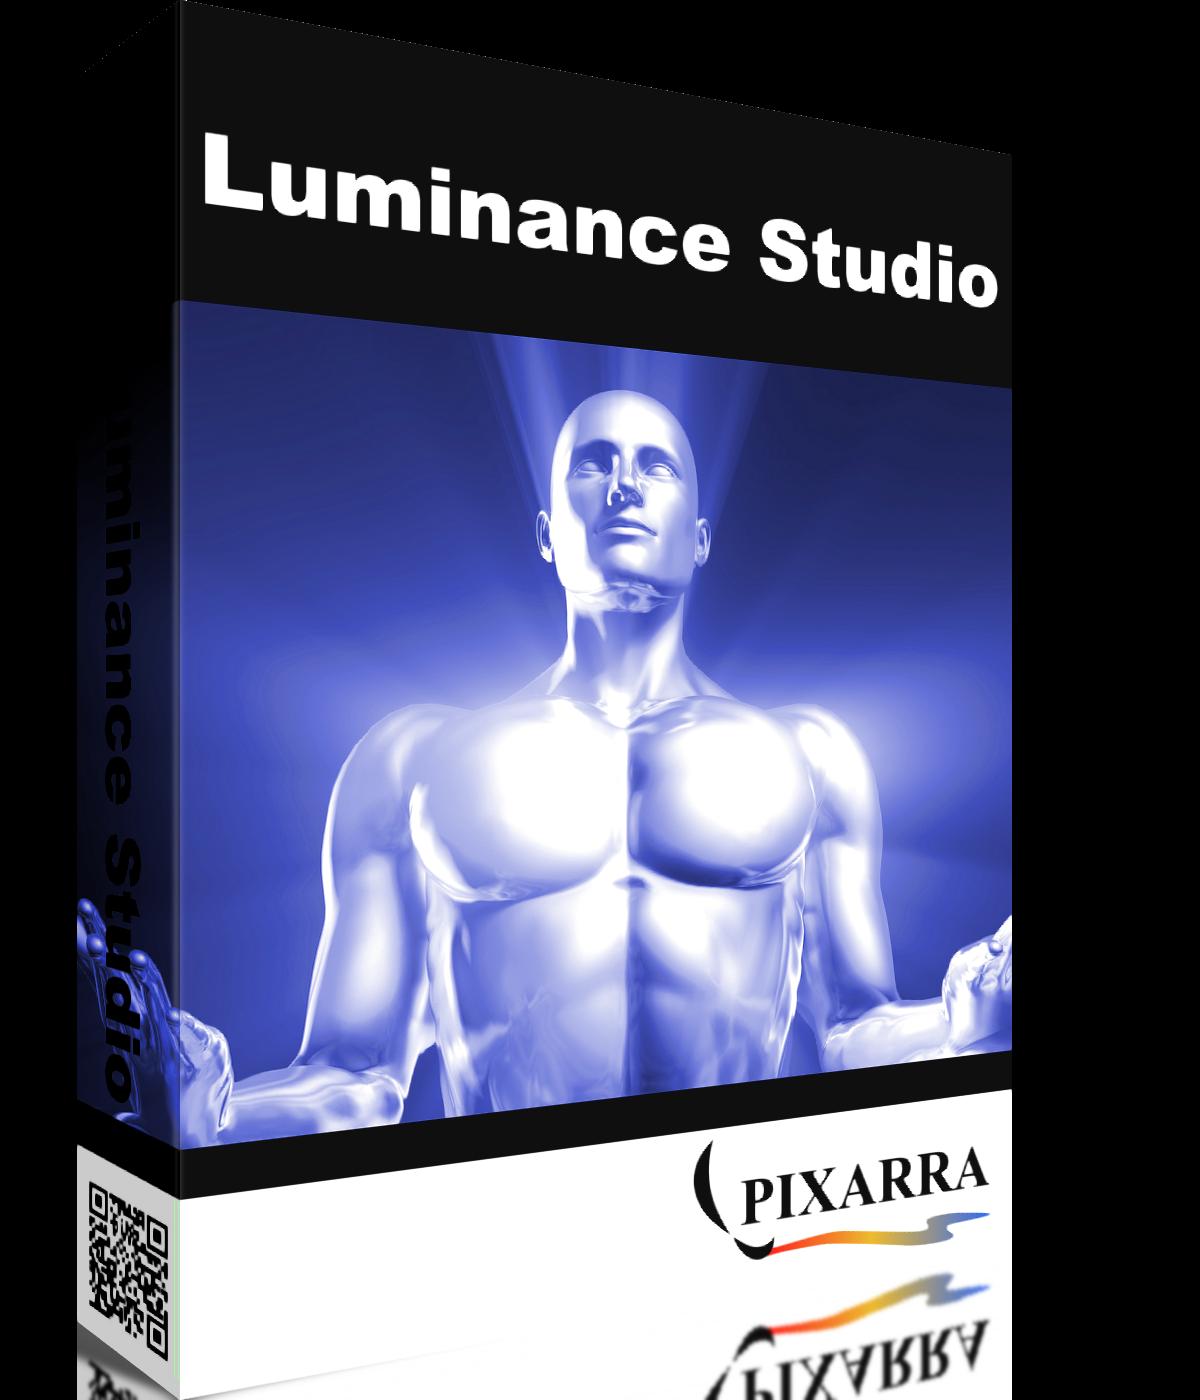 Luminance Studio